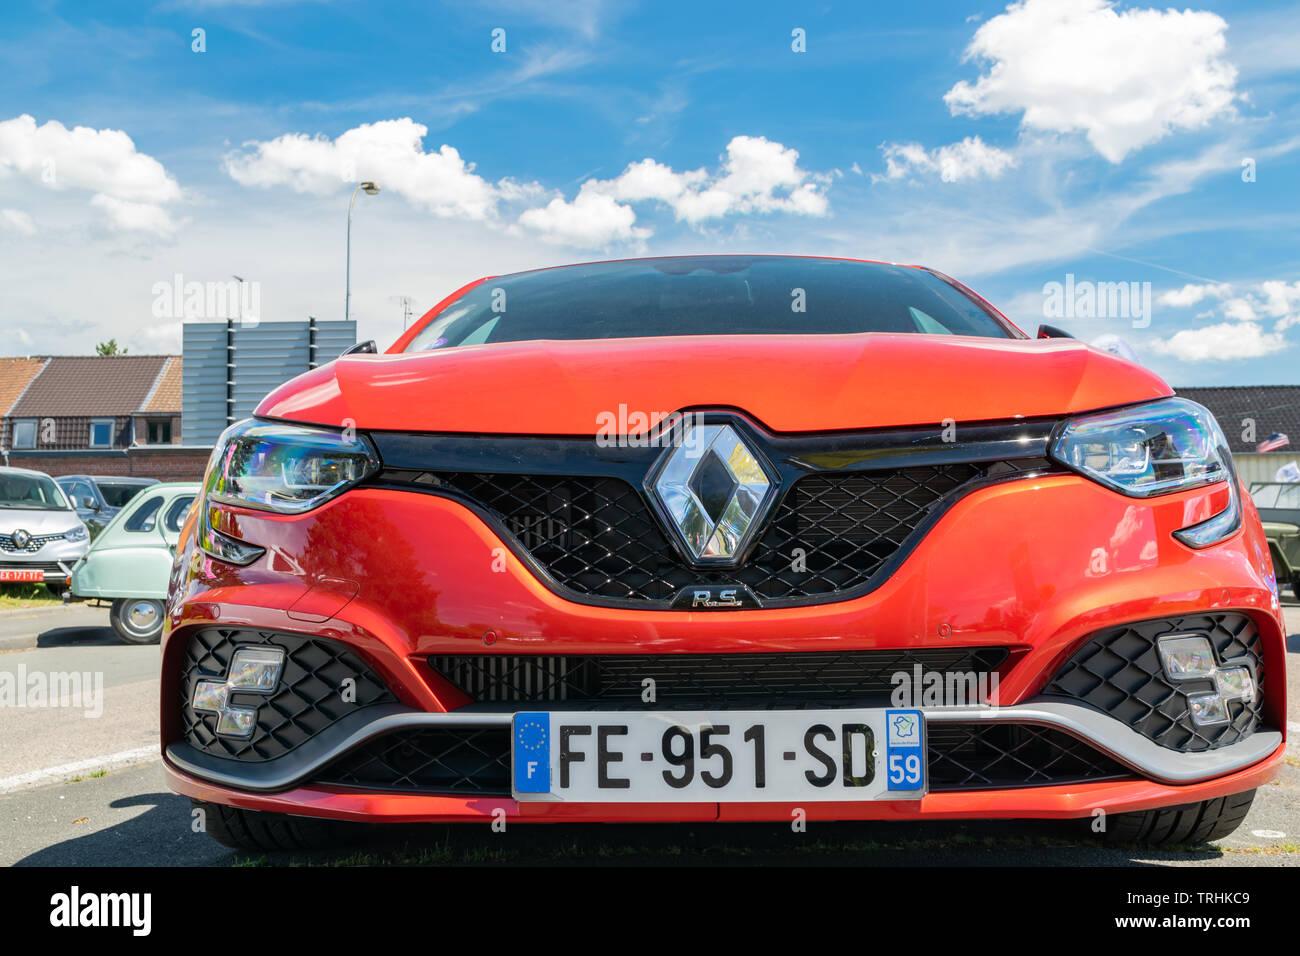 Frontverkleidung Renault